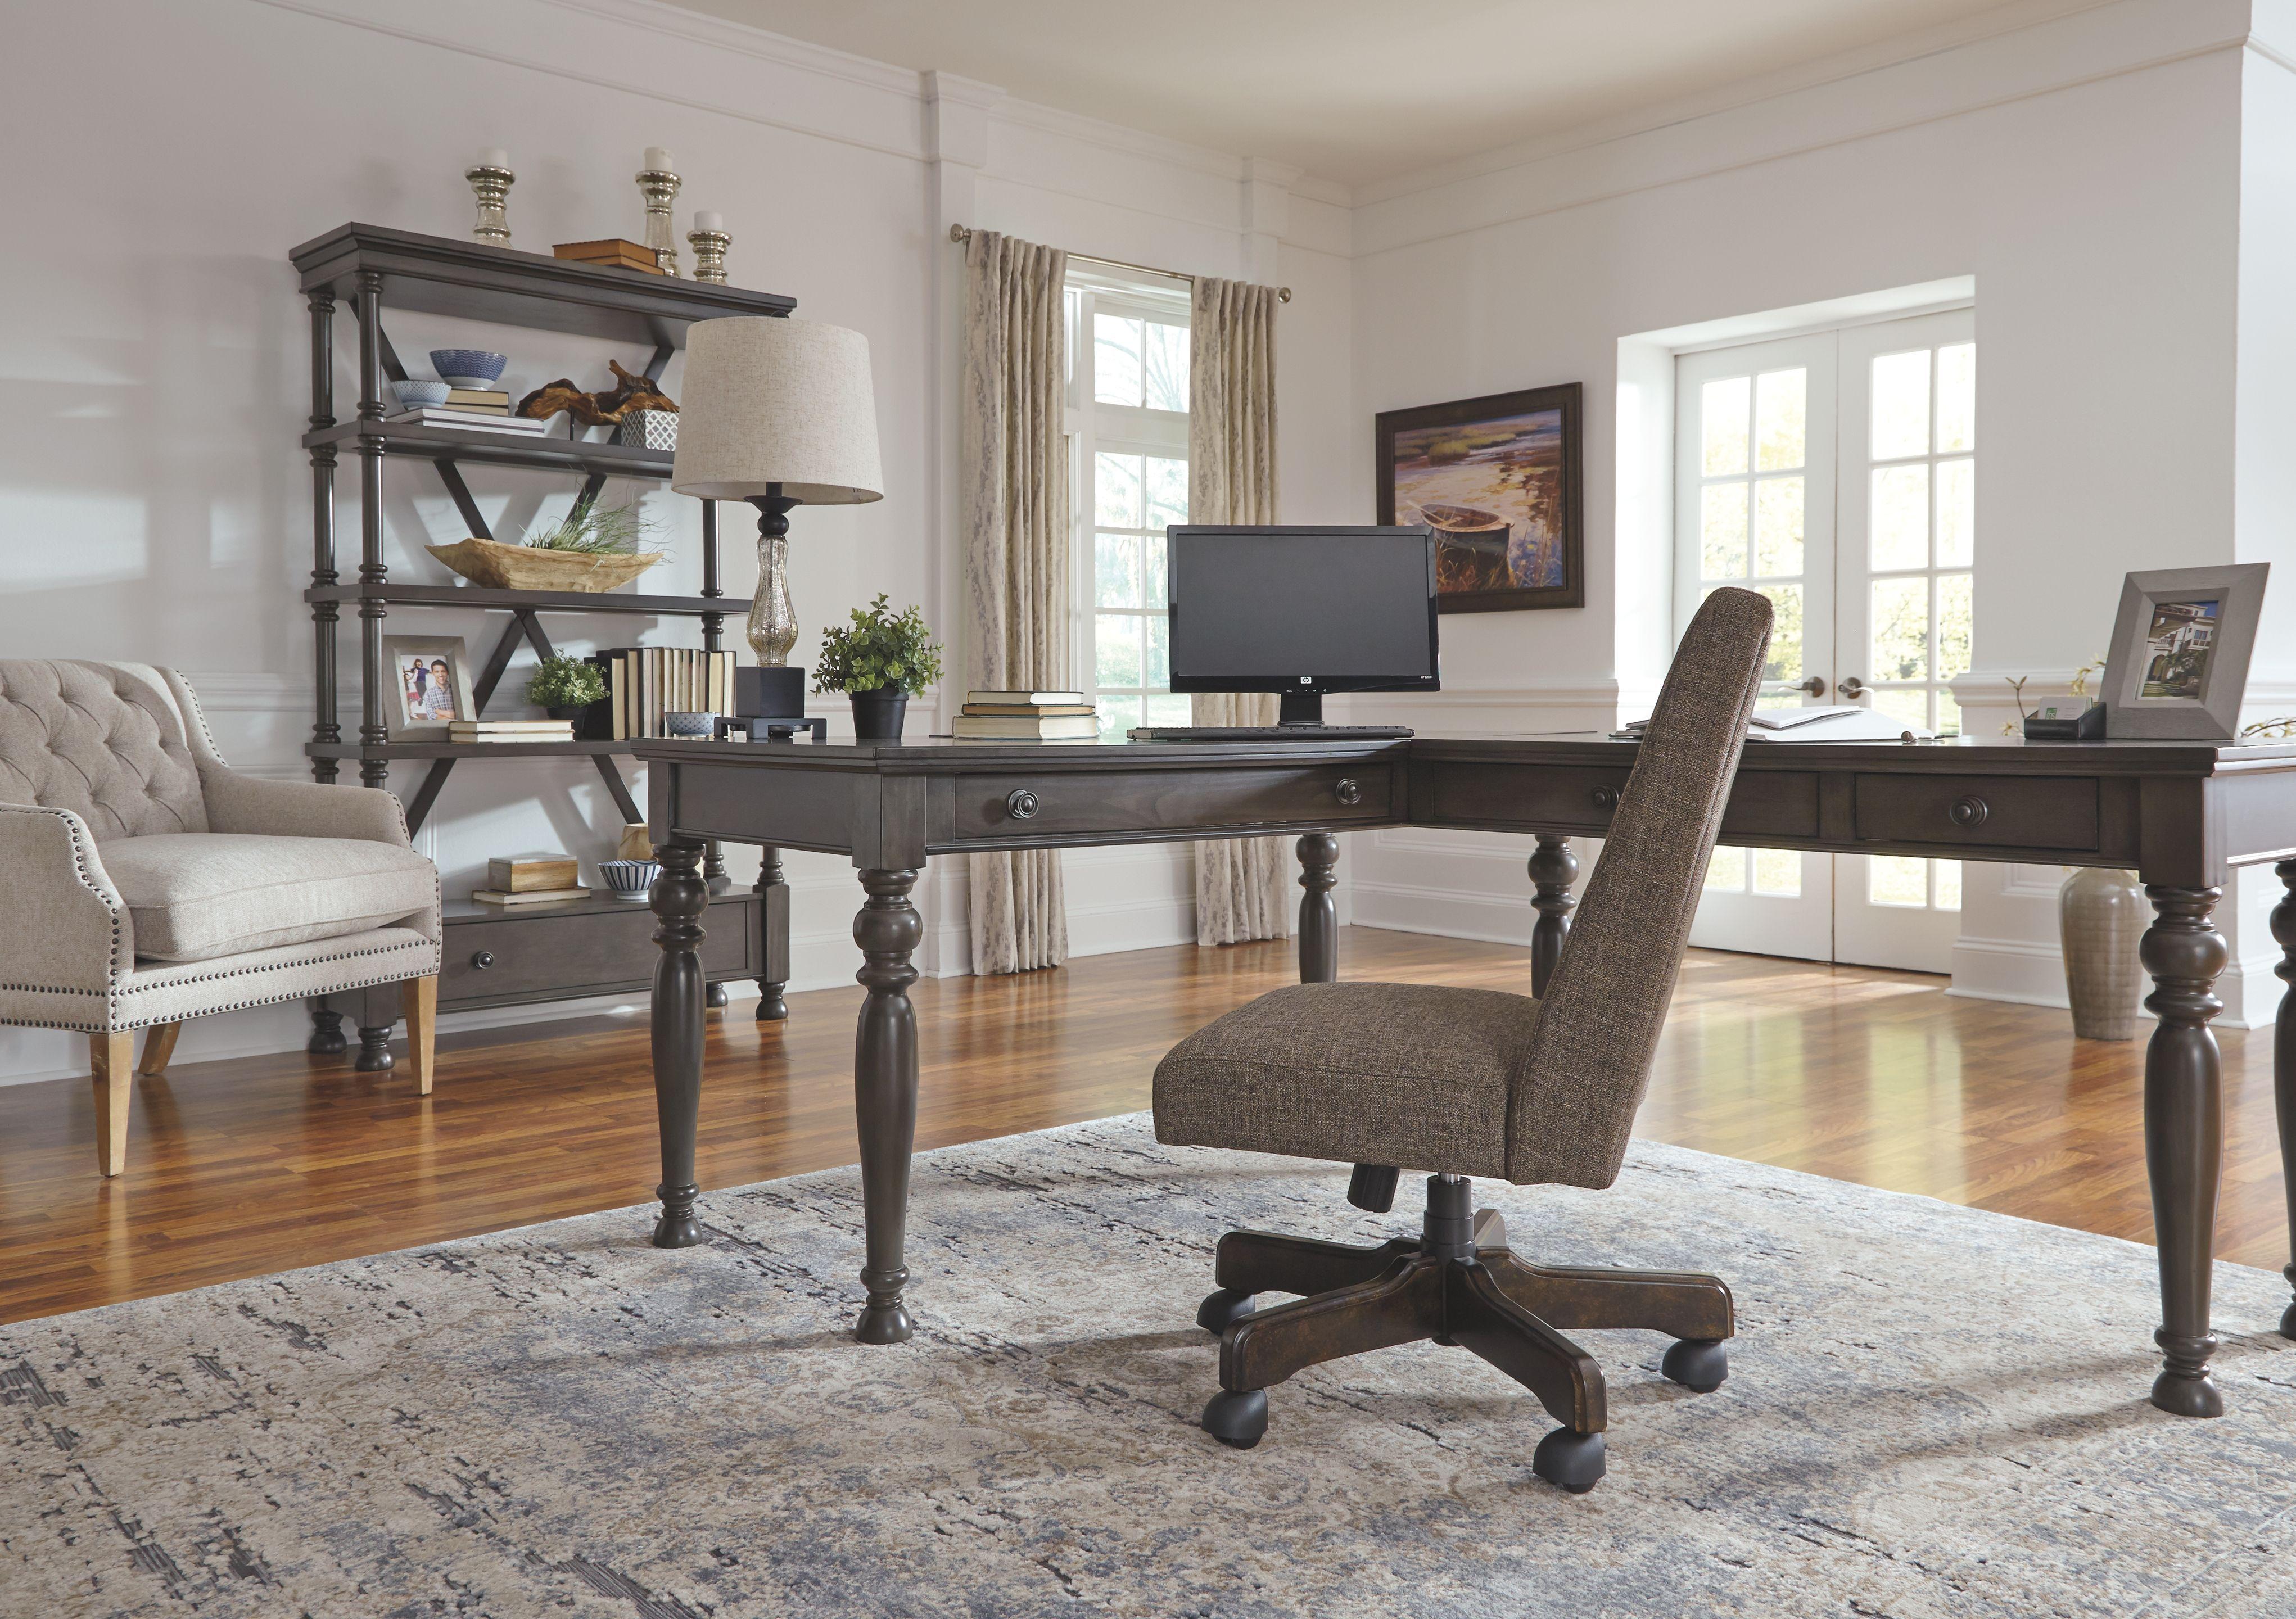 Devensted 2 Piece Home Office Desk Ashley Furniture Homestore Home Office Furniture Desk Home Home Office Desks